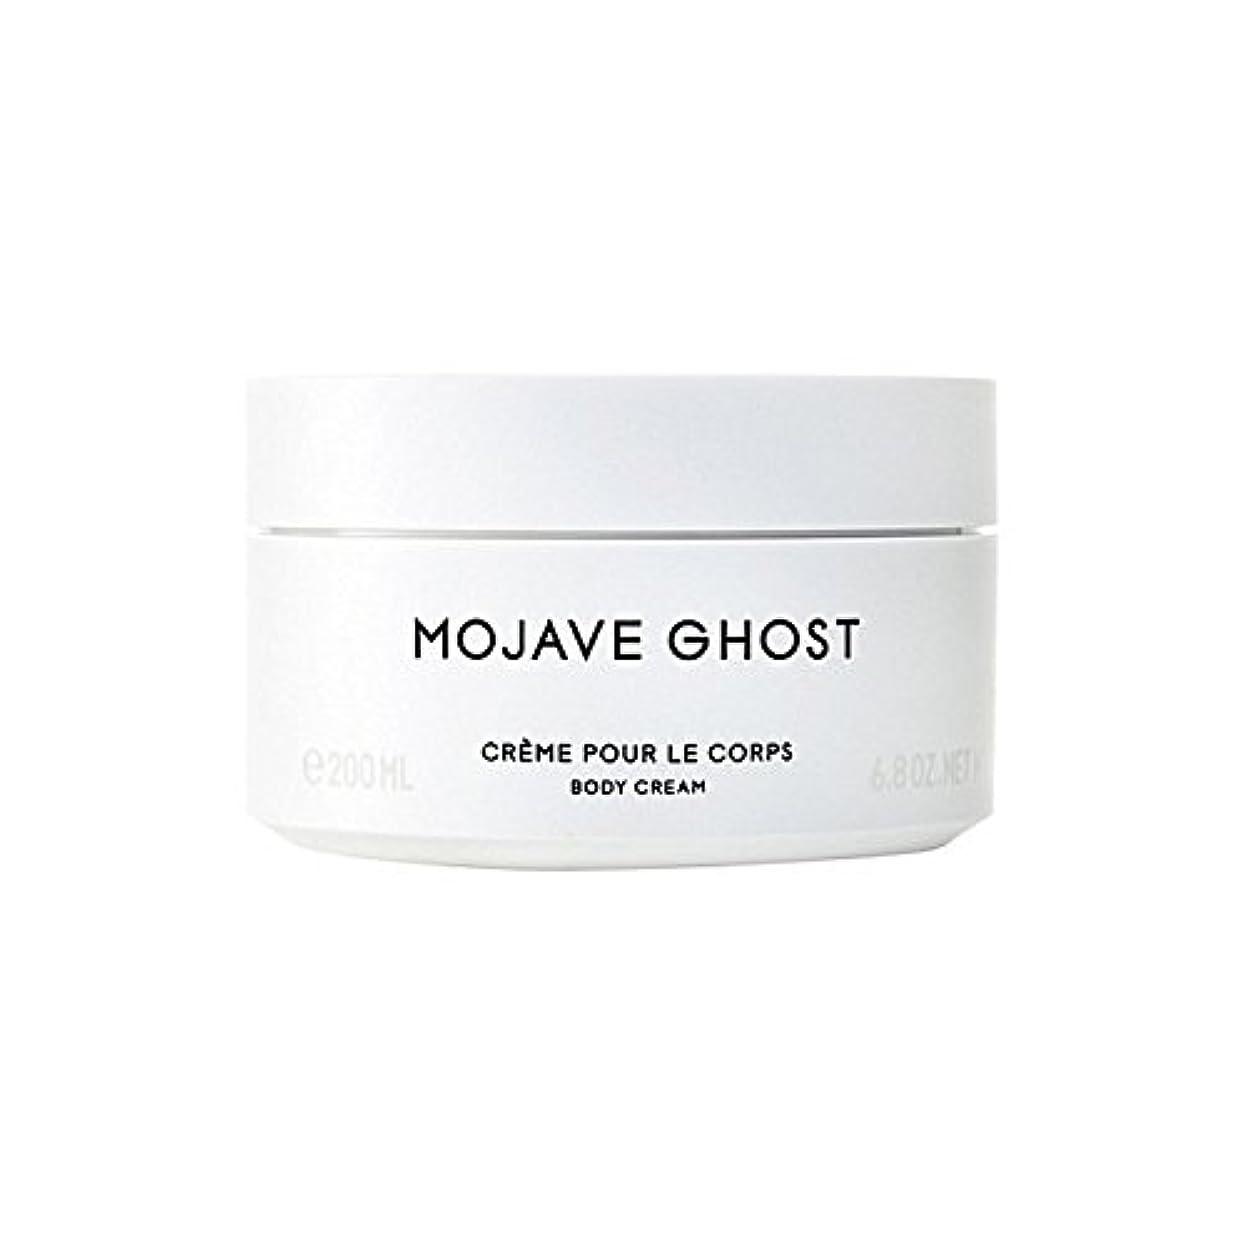 悲劇廃止するお嬢Byredo Mojave Ghost Body Cream 200ml - モハーベゴーストボディクリーム200ミリリットル [並行輸入品]